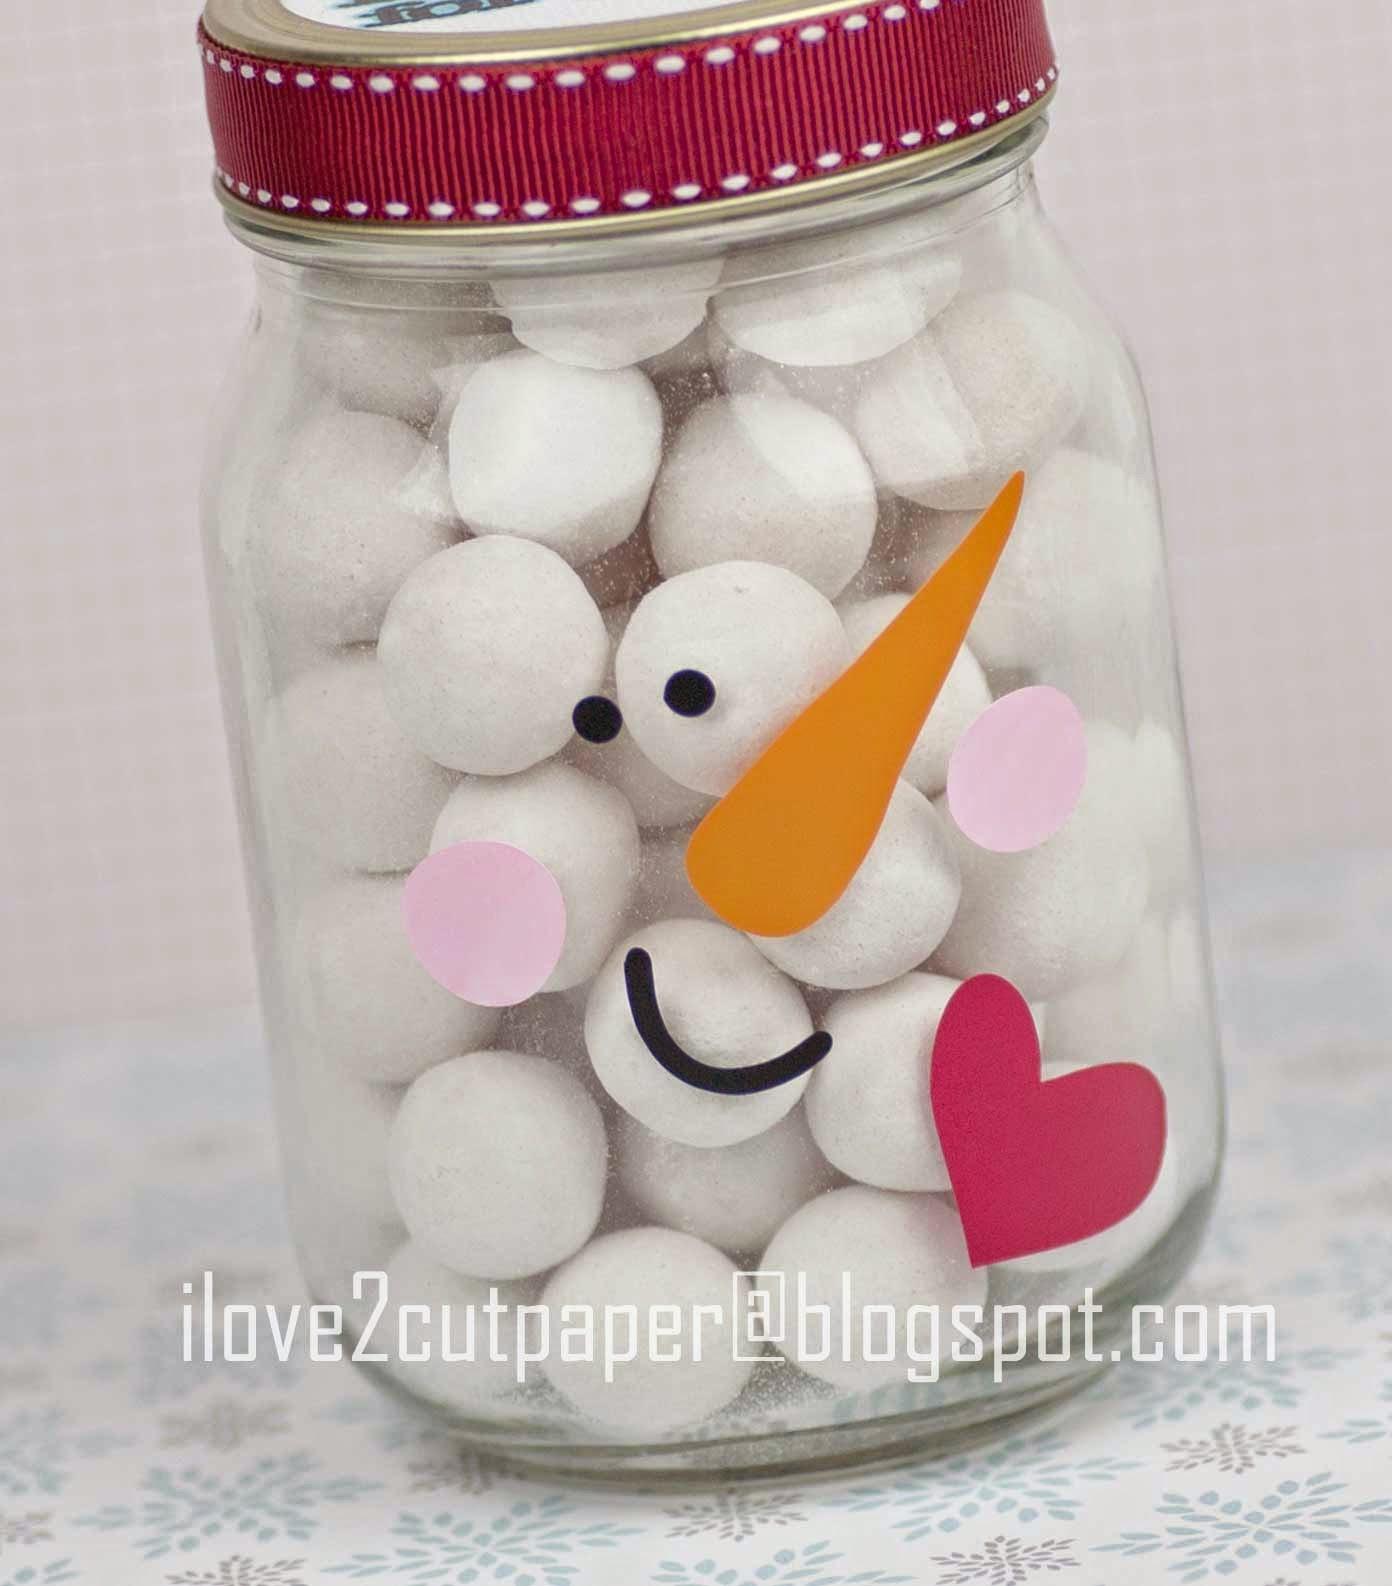 Snowman glass jar